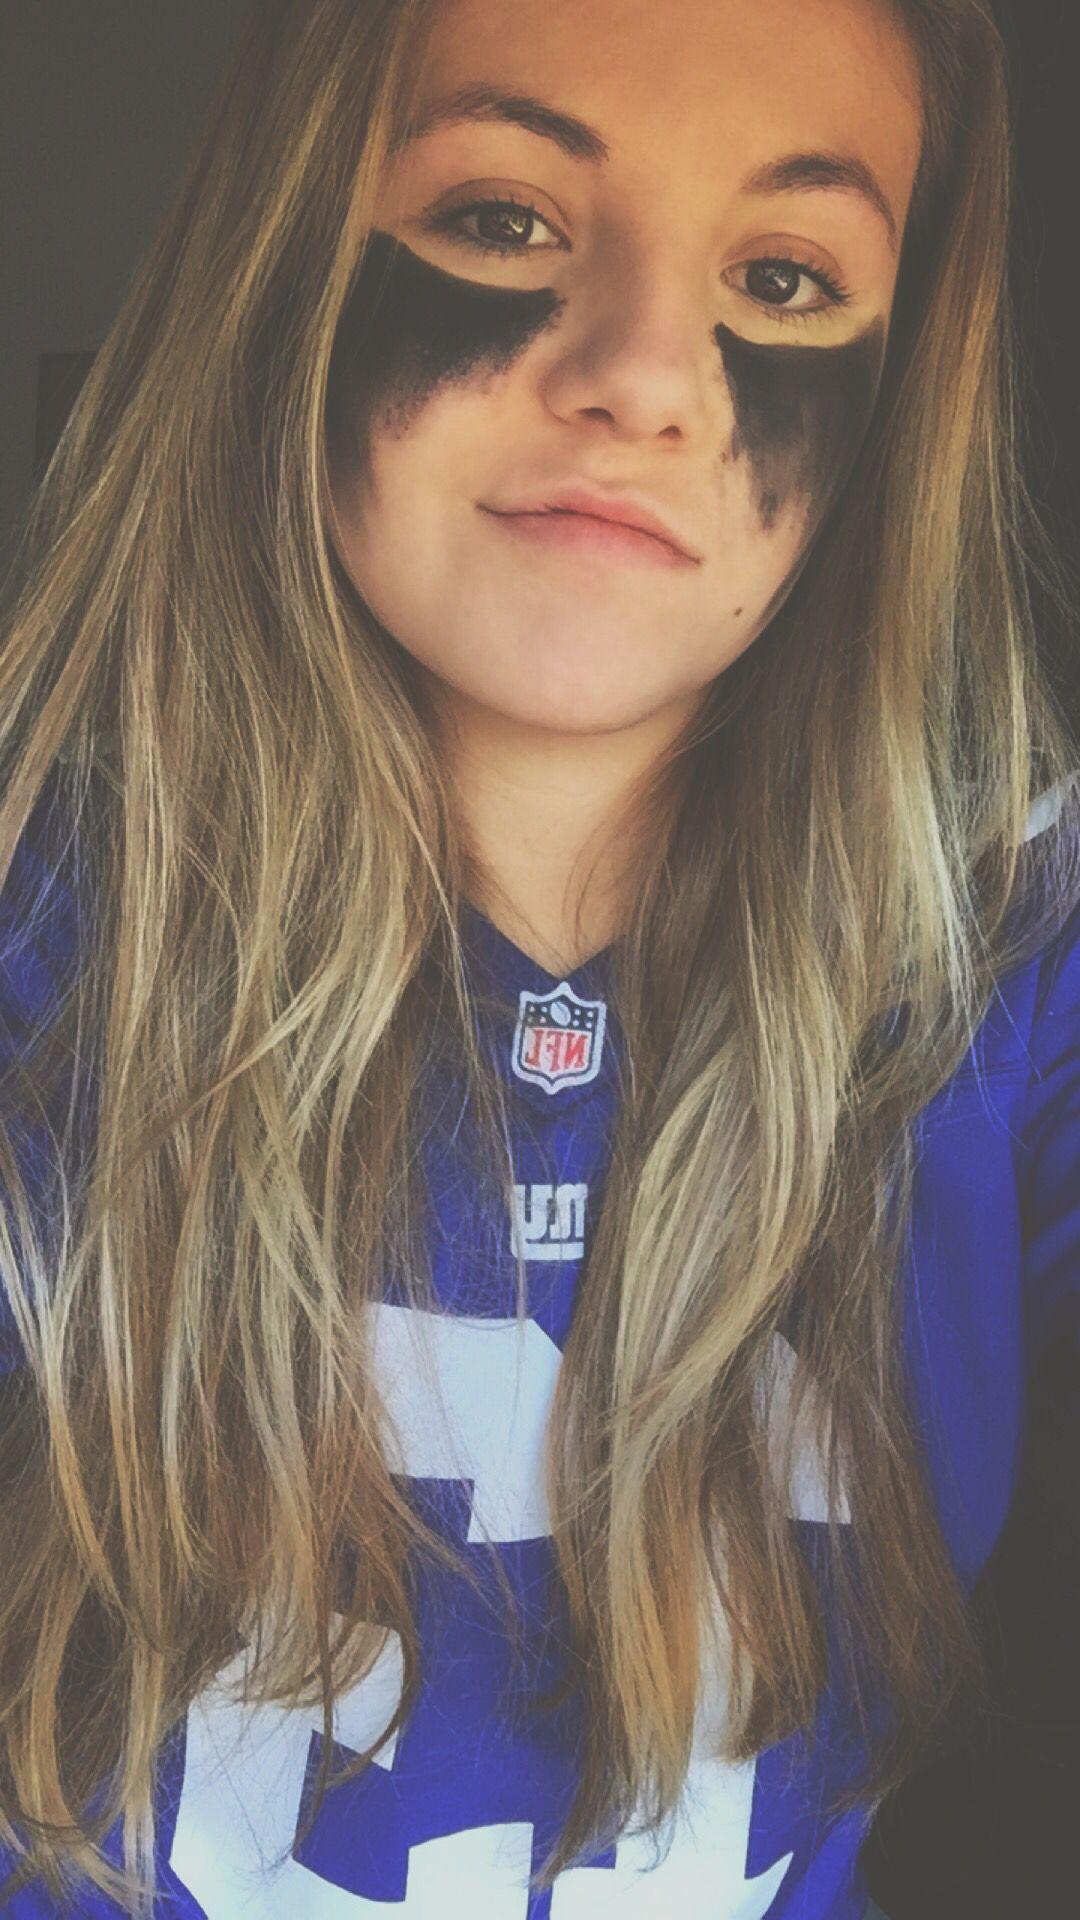 Football, face paint, Super Bowl … School spirit face